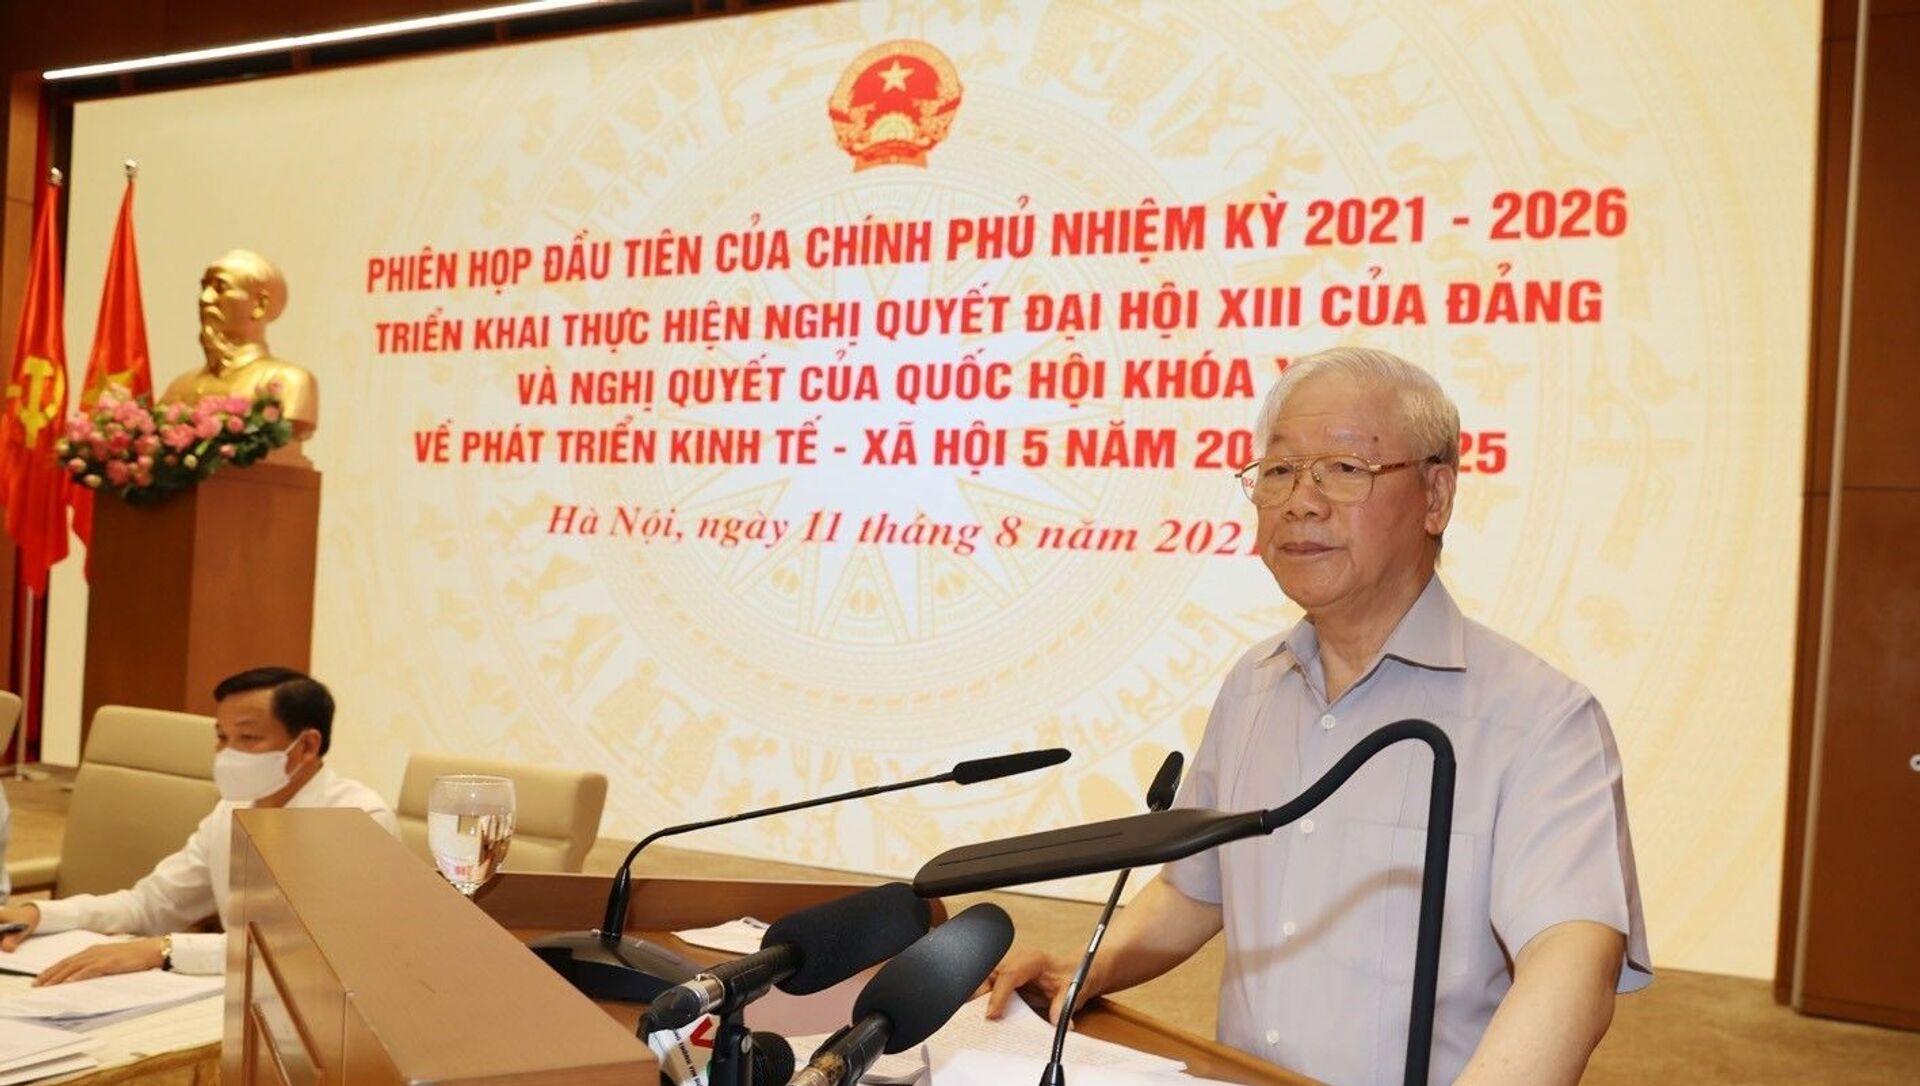 Tổng bí thư Nguyễn Phú Trọng phát biểu tại phiên họp đầu tiên của Chính phủ nhiệm kỳ 2021- 2026 với các địa phương được tổ chức theo hình thức trực tuyến - Sputnik Việt Nam, 1920, 17.08.2021